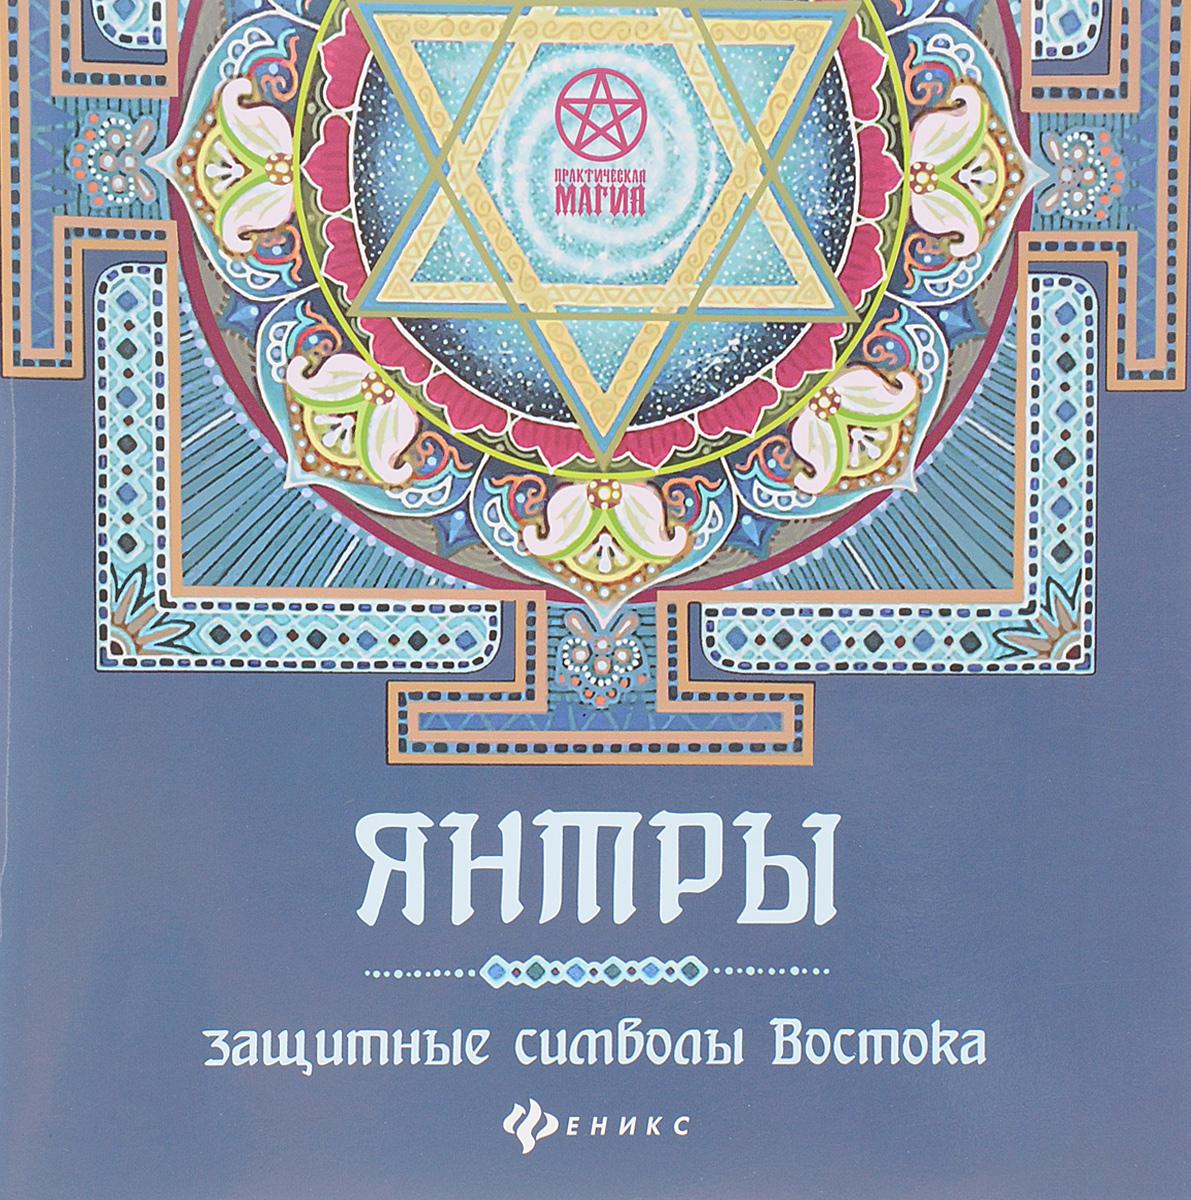 Инесса Матин Янтры. Защитные символы Востока янтры защитные символы востока